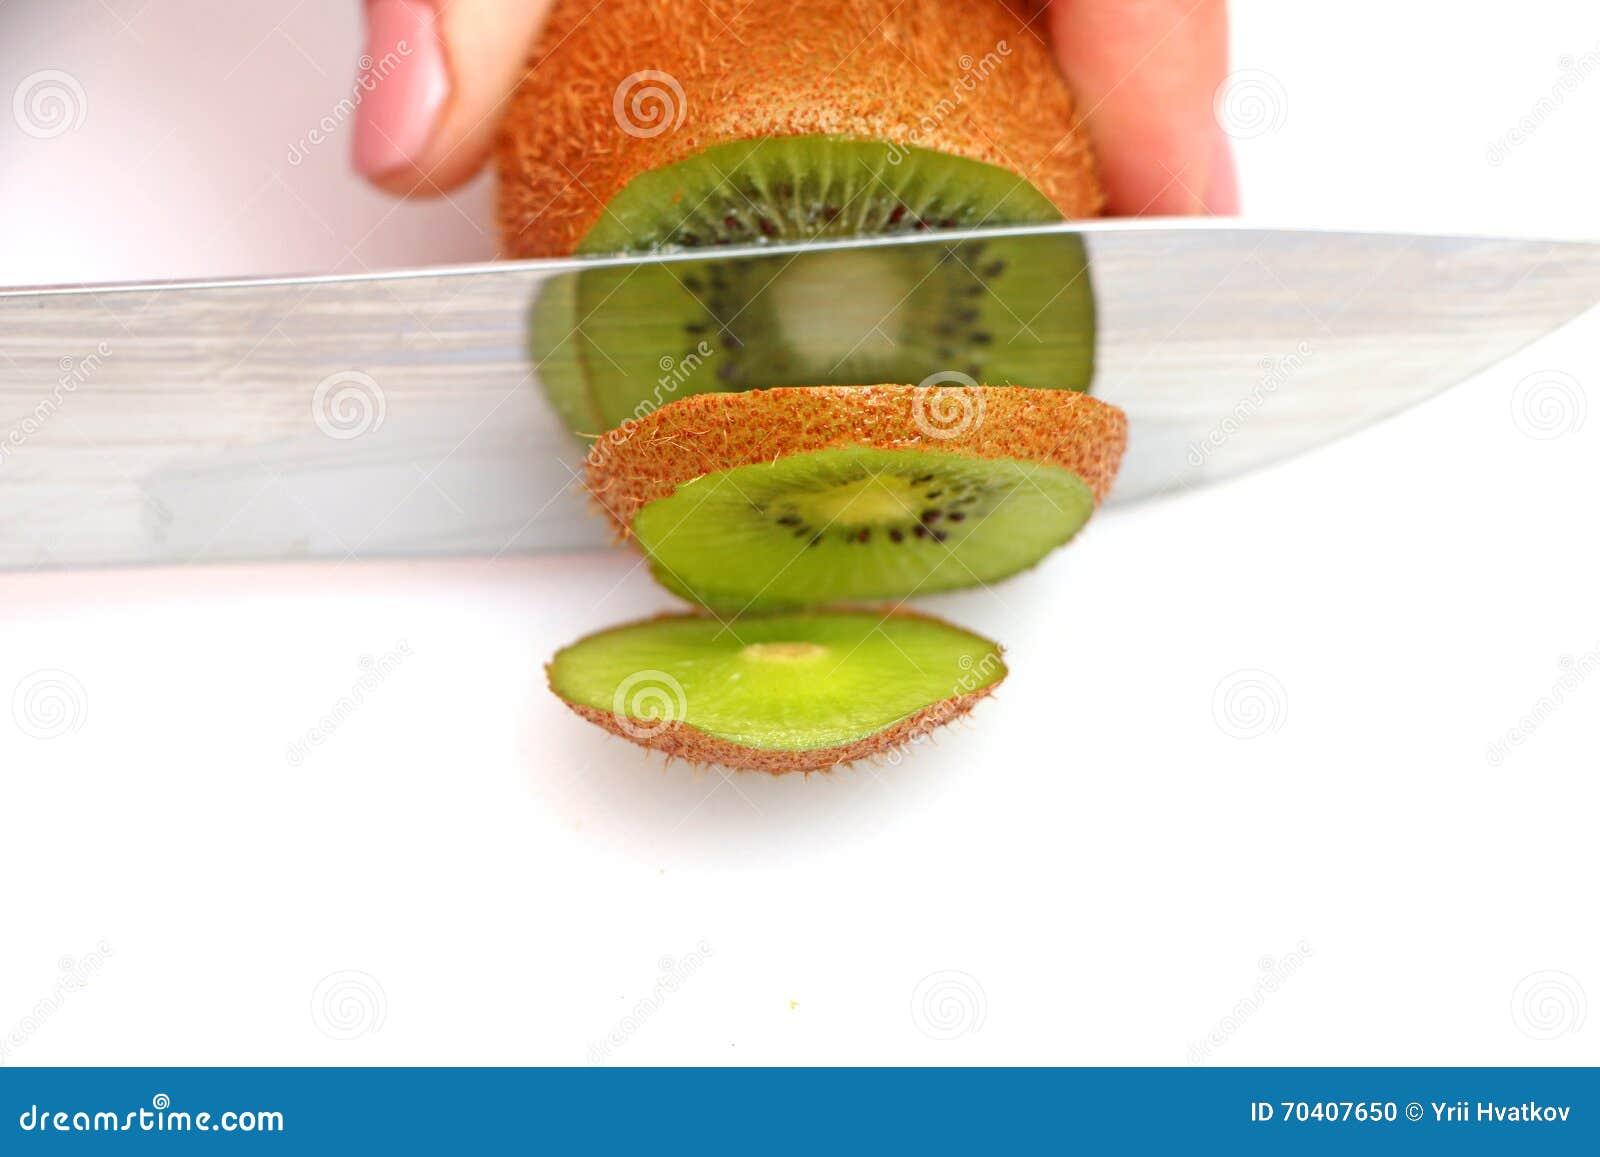 Sliced kiwi on wheels